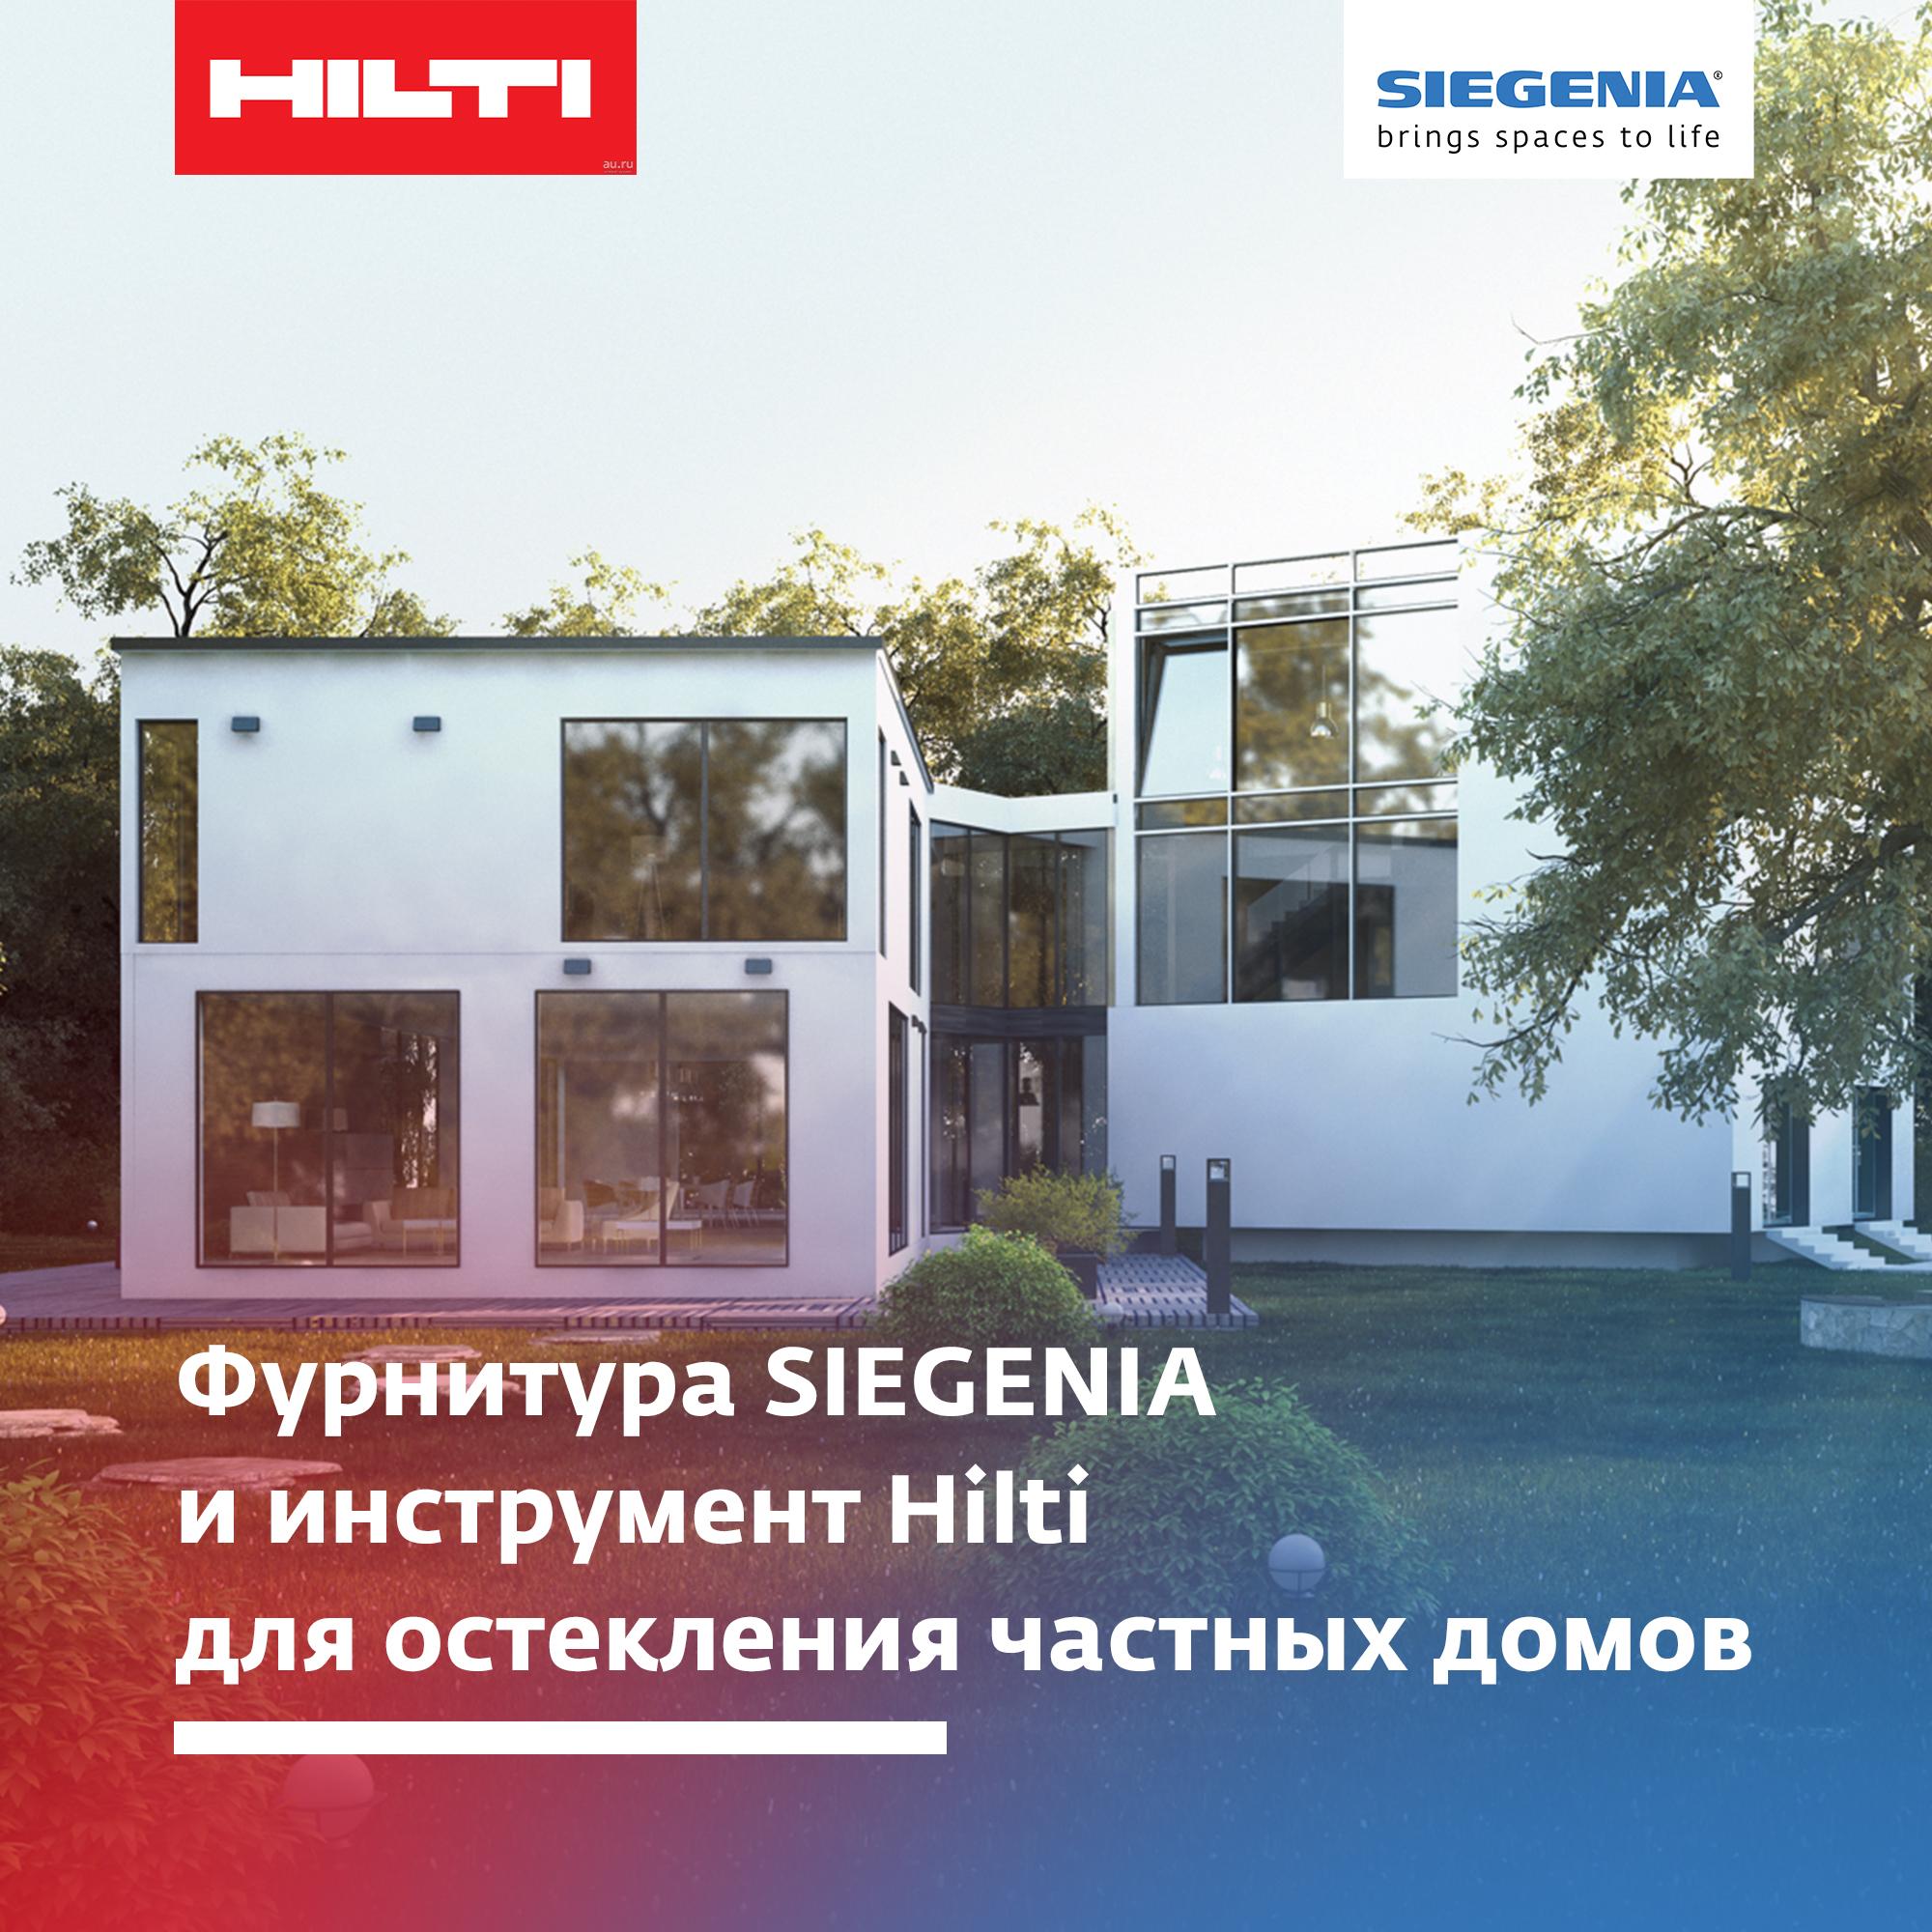 furnitura-siegenia-i-instrument-hilti-dlya-ostekleniya-zagorodnyh-domov